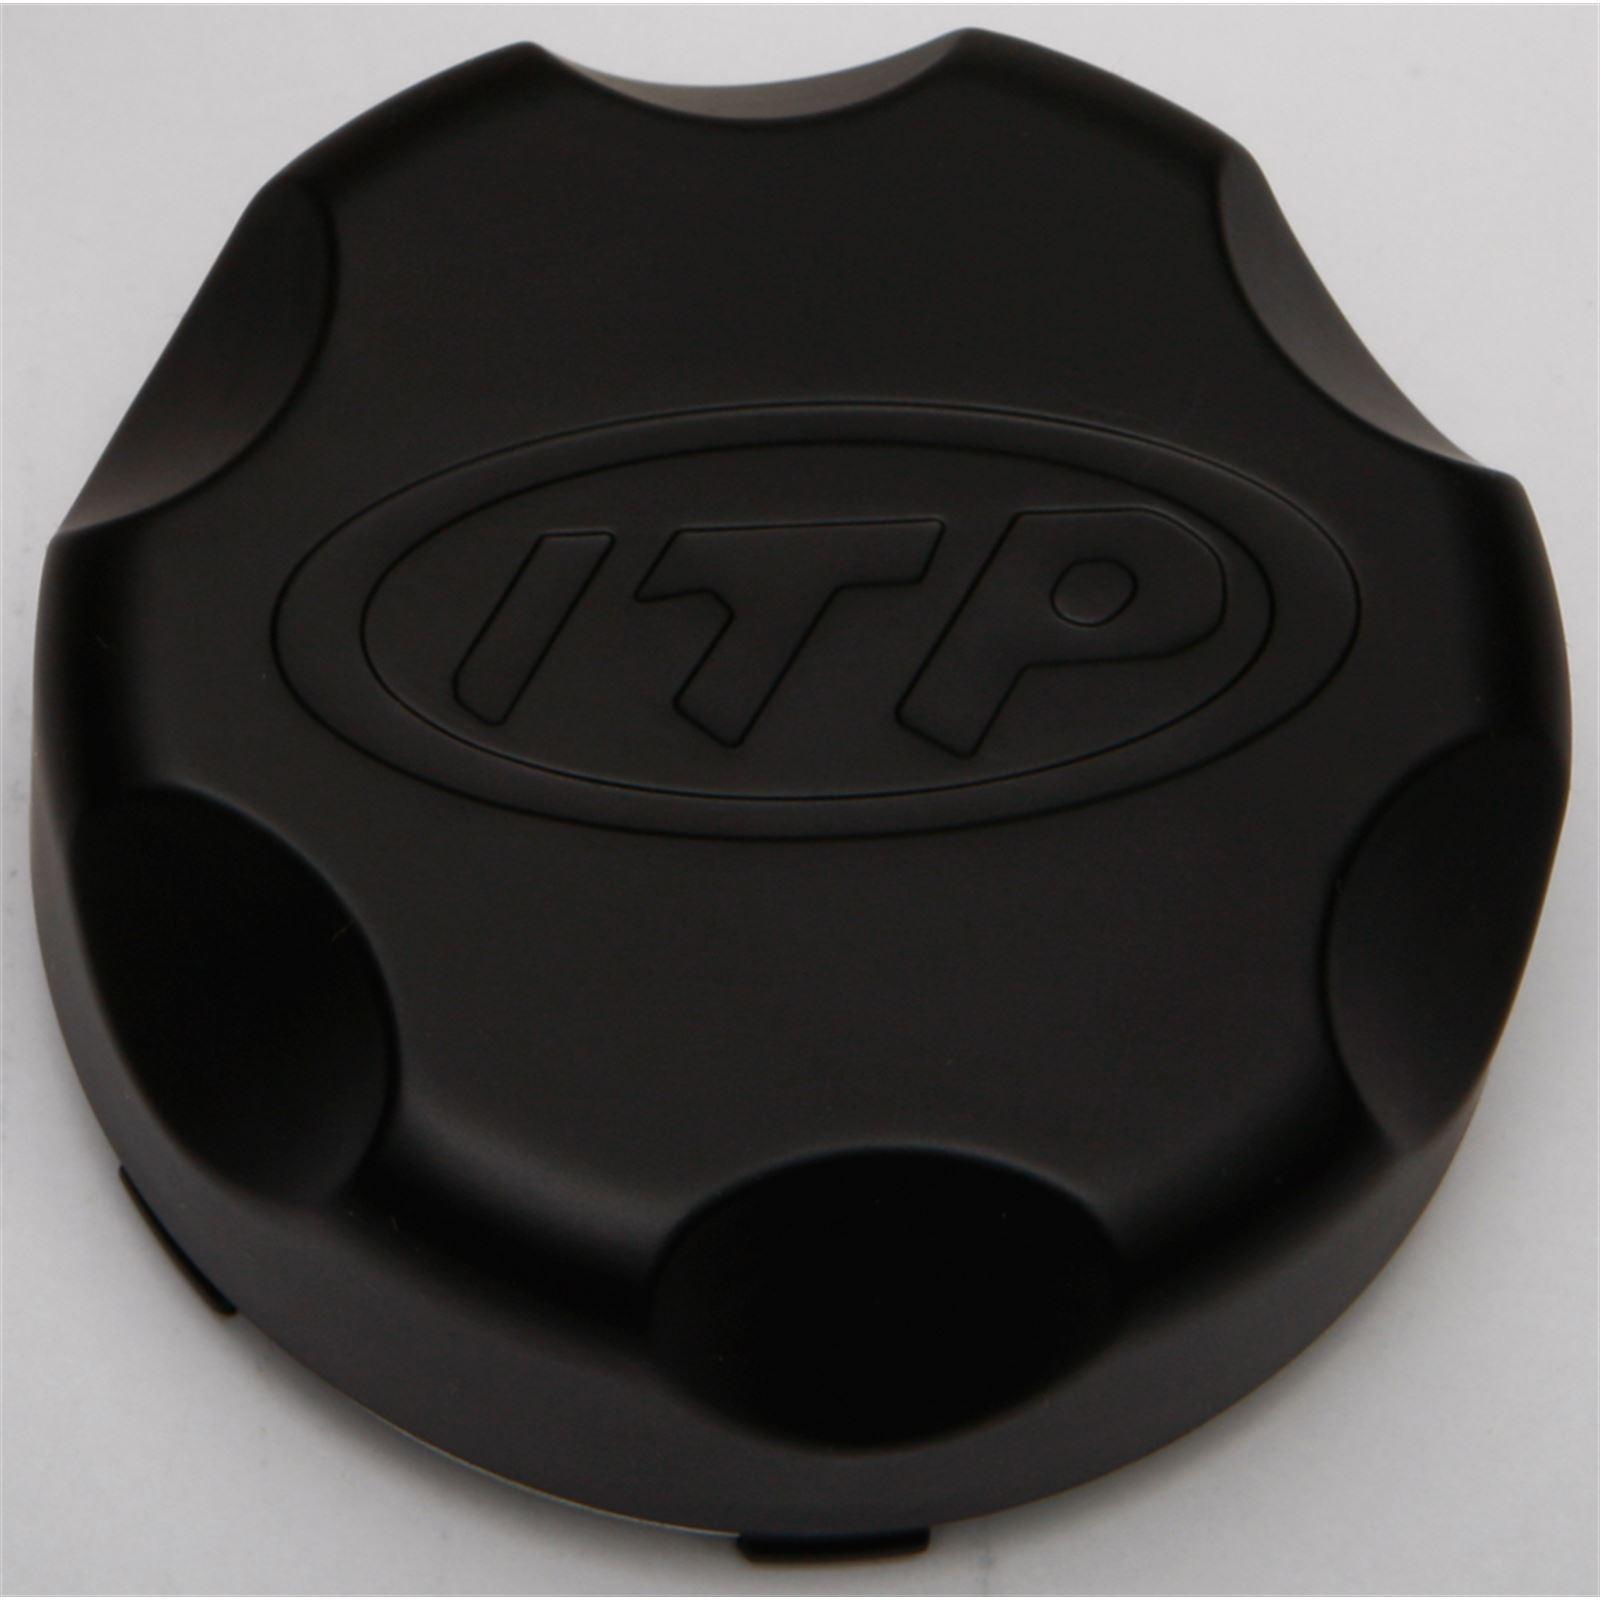 ITP Cast Aluminum Wheel Center Cap